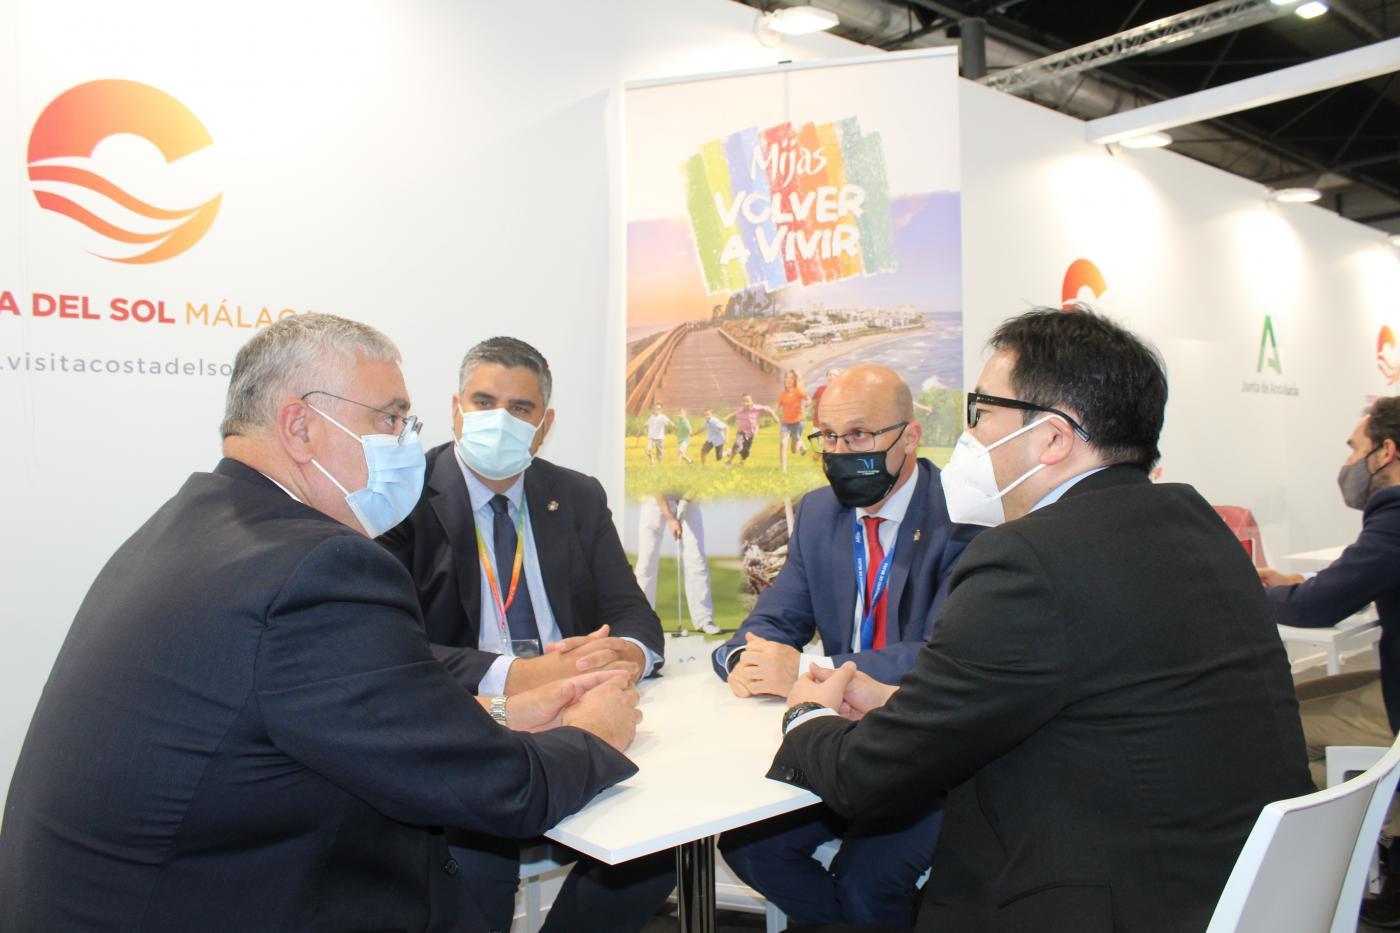 El alcalde y el edil de Turismo se reunieron en Fitur con empresarios y turoperadores nacionales e internacionales.